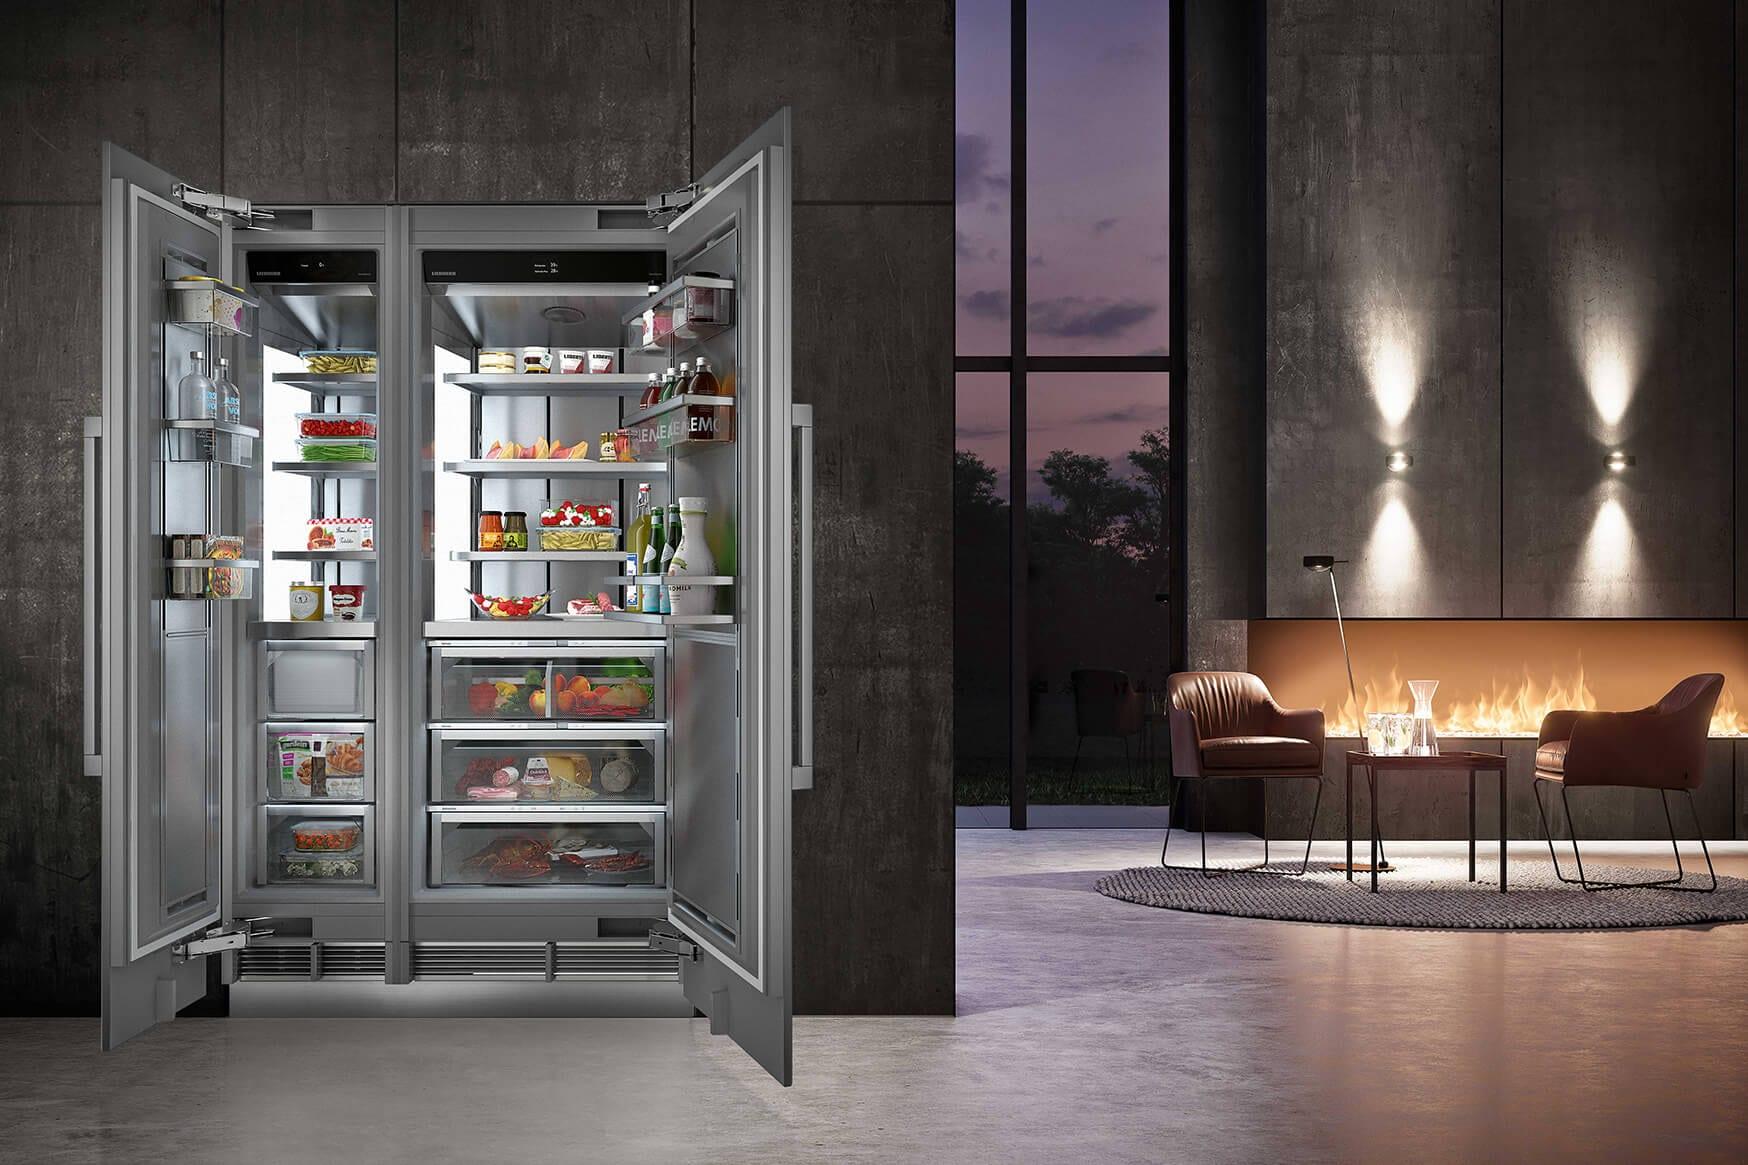 Side By Side Kühlschrank Platzbedarf : Ifa 2018: das sehen sie bei liebherr hausgeräte freshmag liebherr